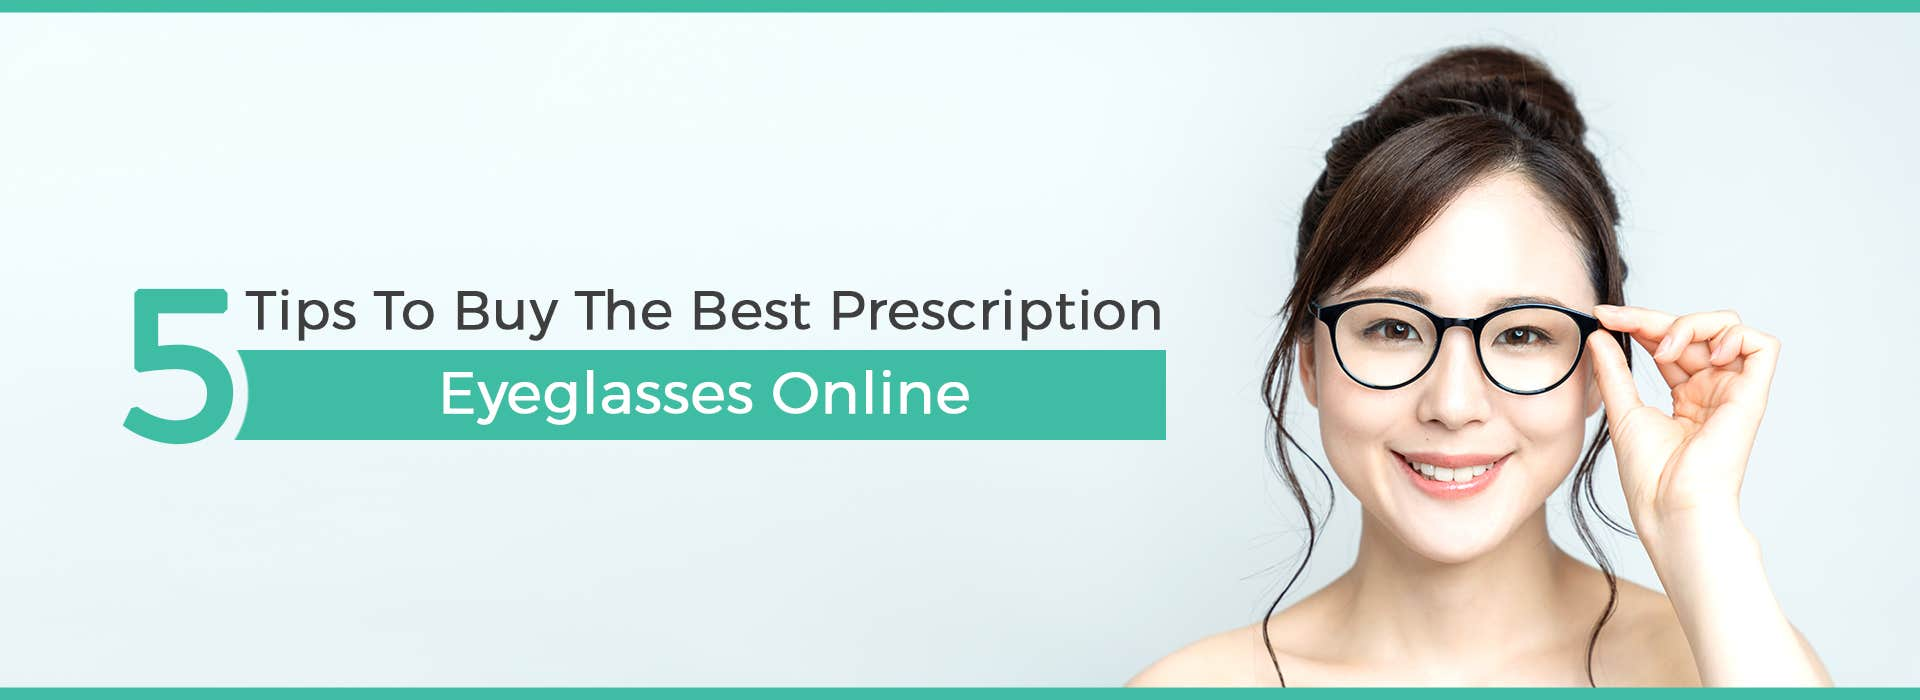 5 Tips To Buy The Best Prescription Eyeglasses Online